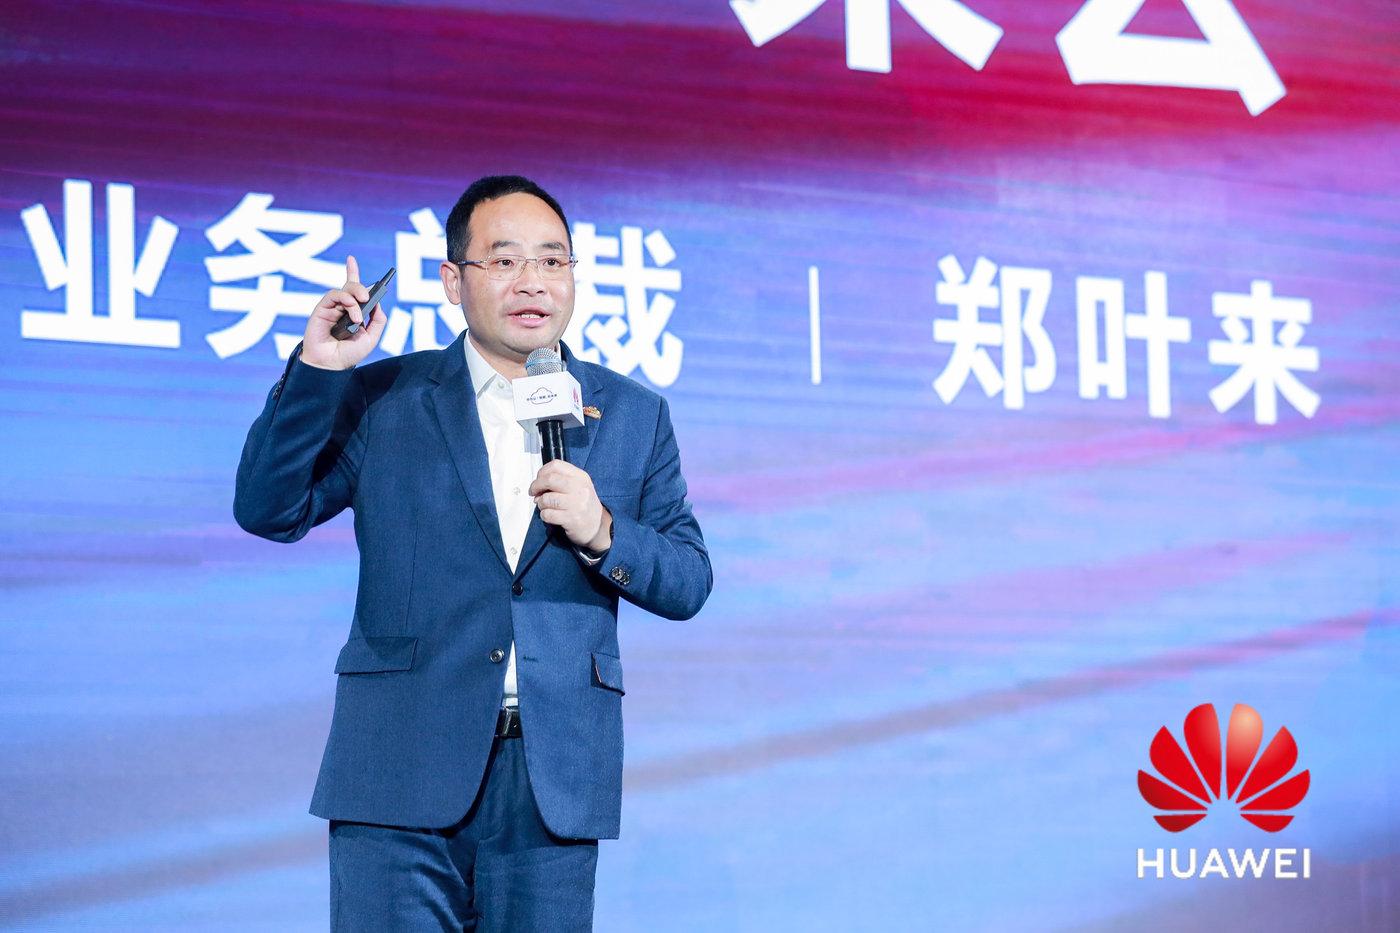 华为云业务总裁郑叶来发表演讲